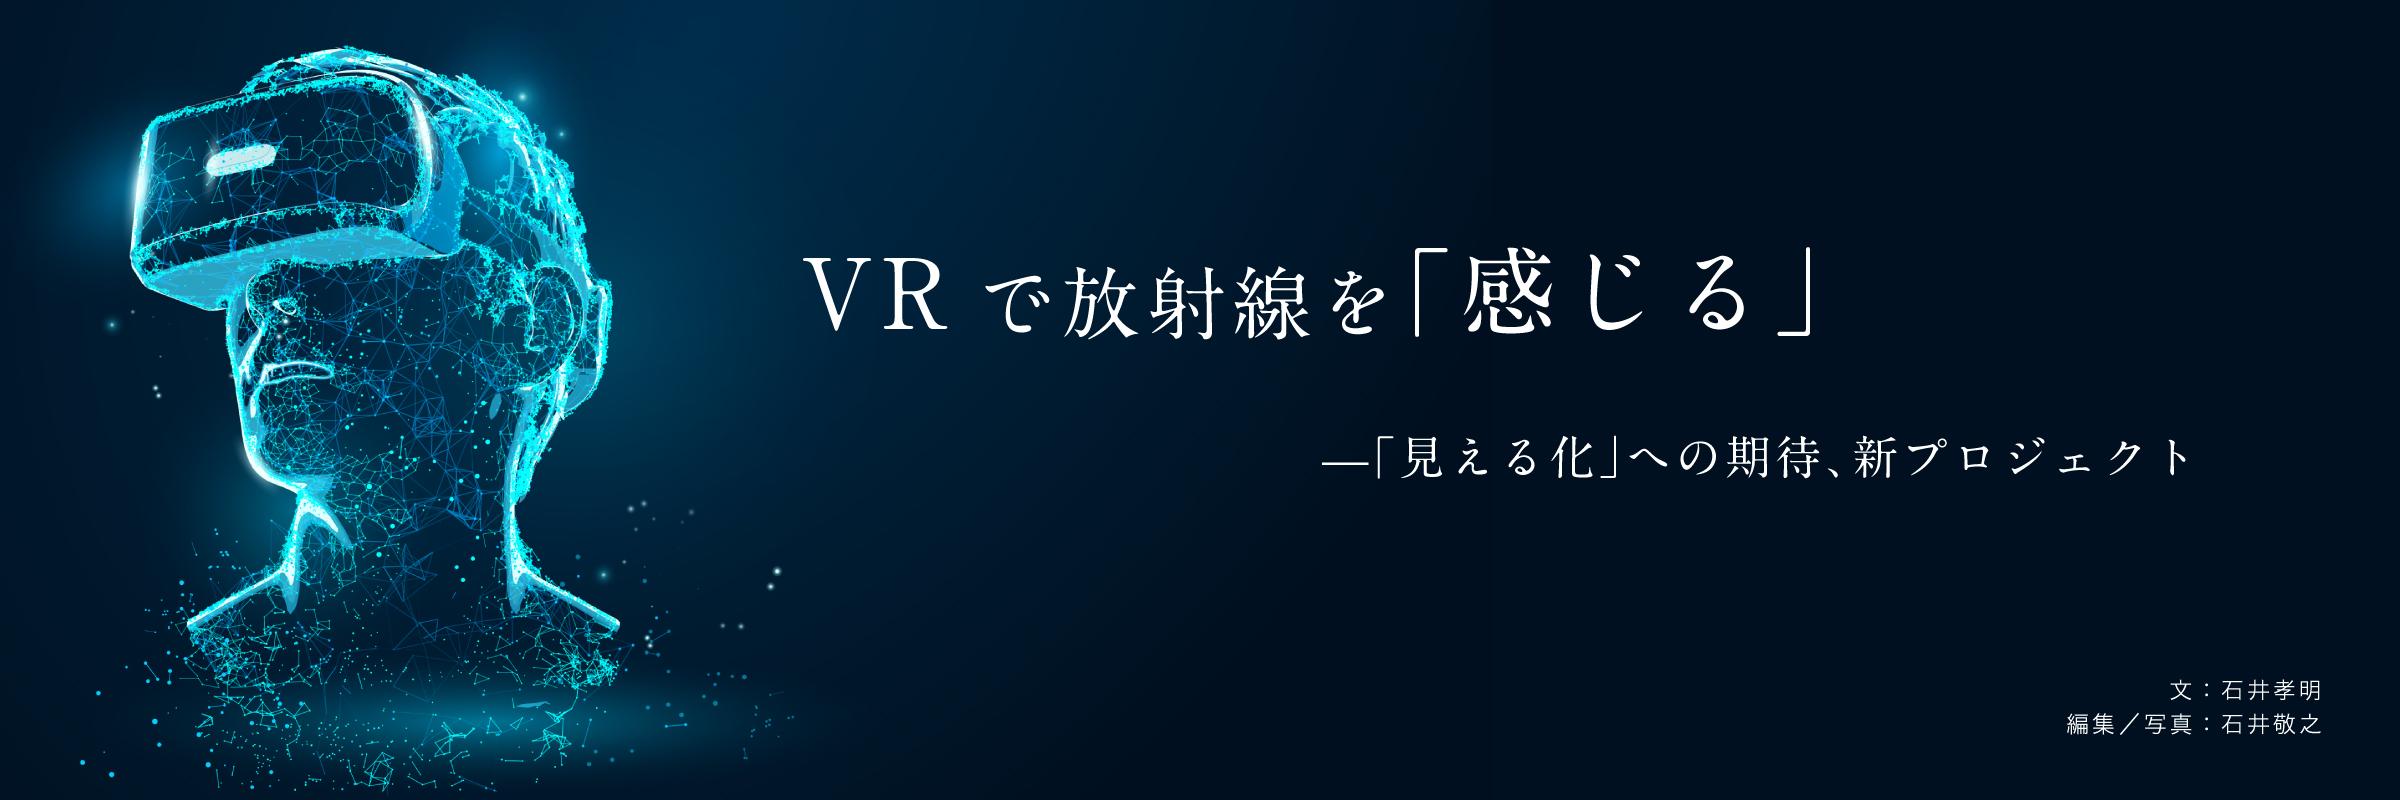 VRで放射線を「感じる」ー「見える化」への期待、新プロジェクト